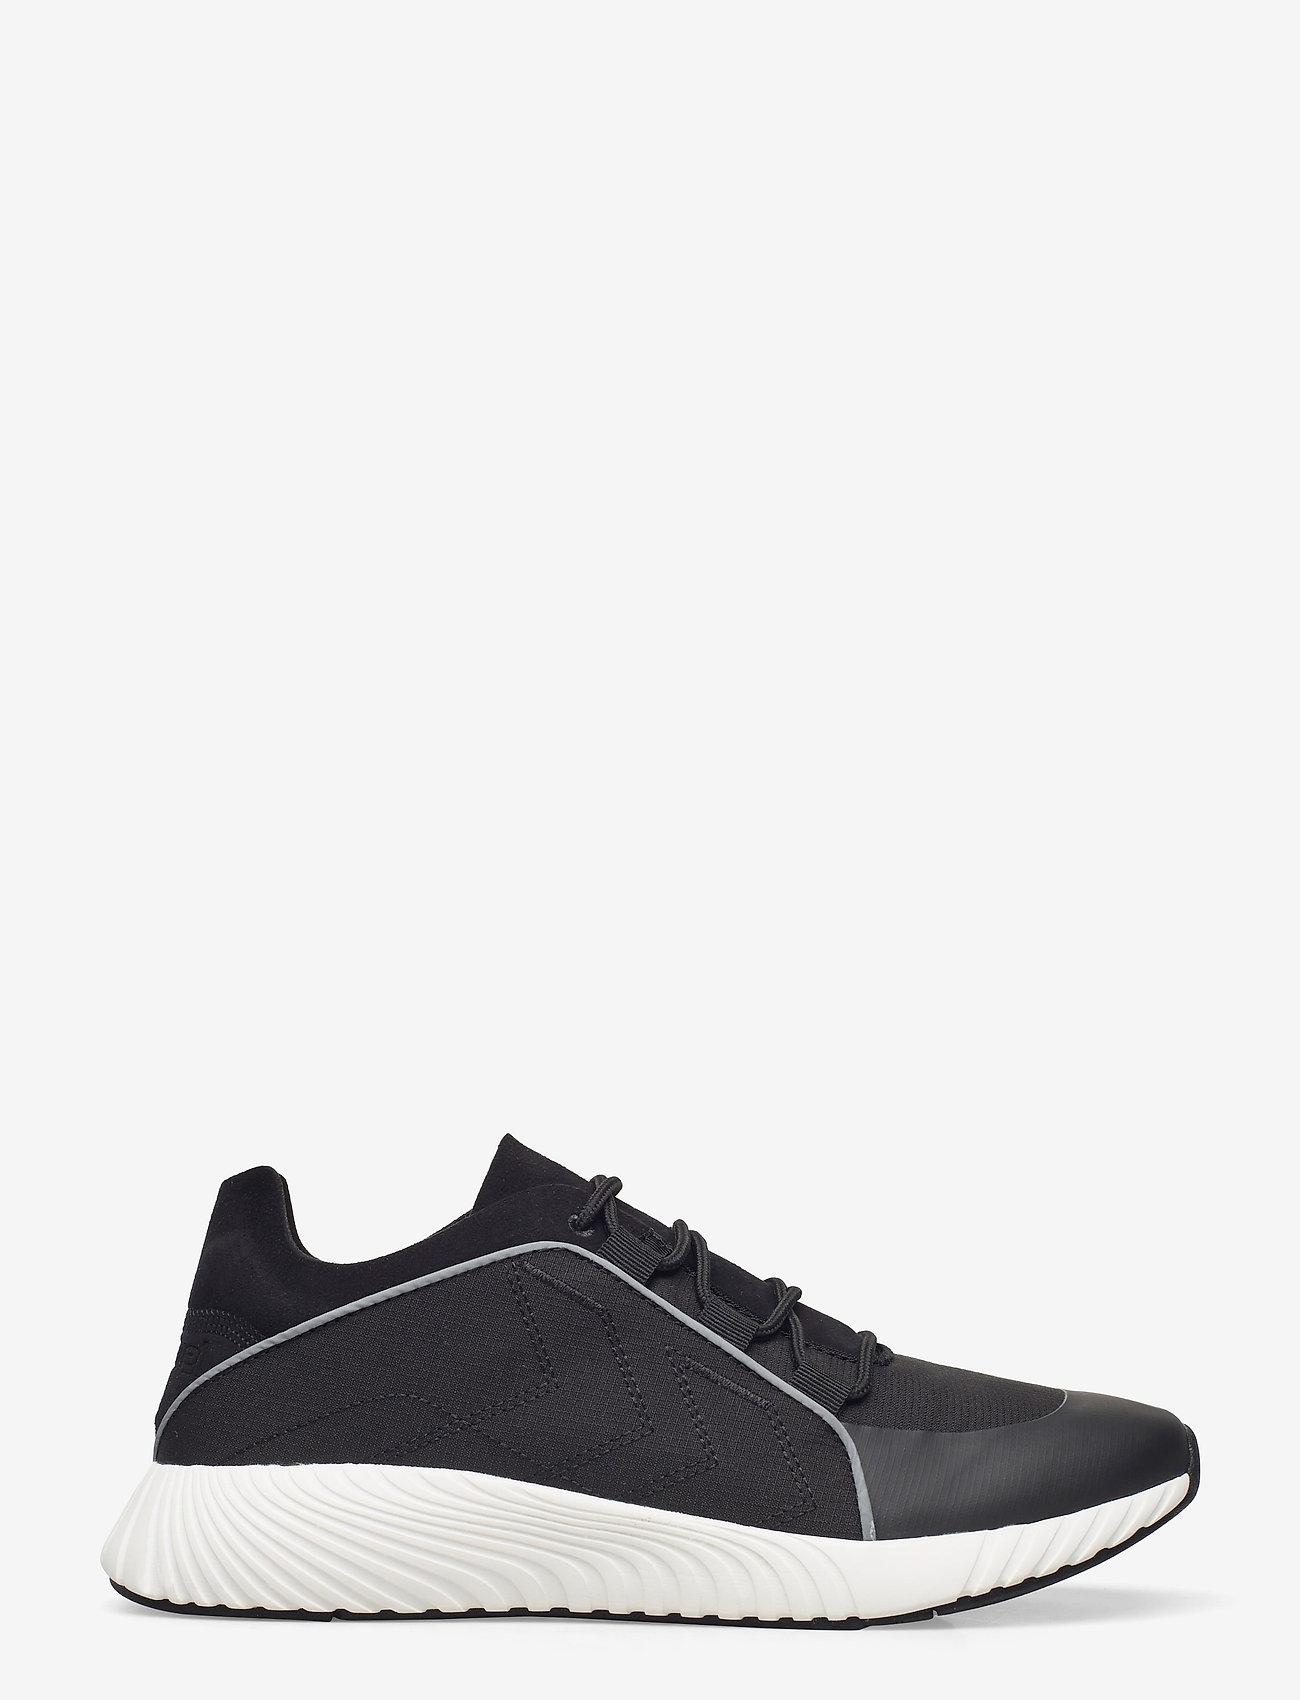 Hummel - COMBAT BREAKER - laag sneakers - black - 0